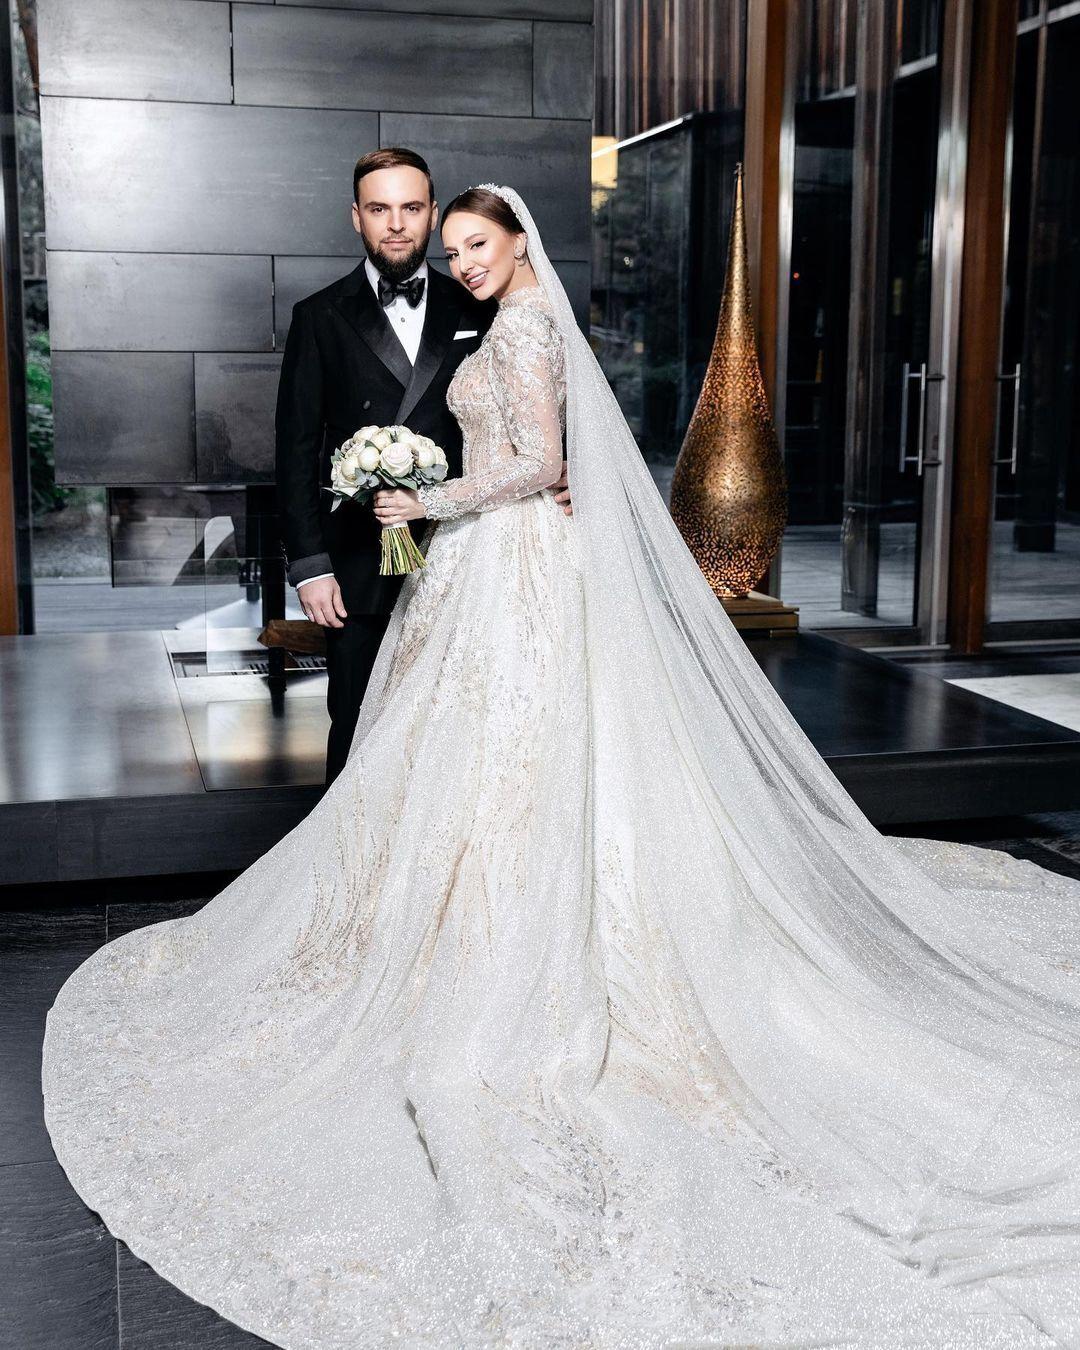 30-річна Asti вийшла заміж за свого коханого